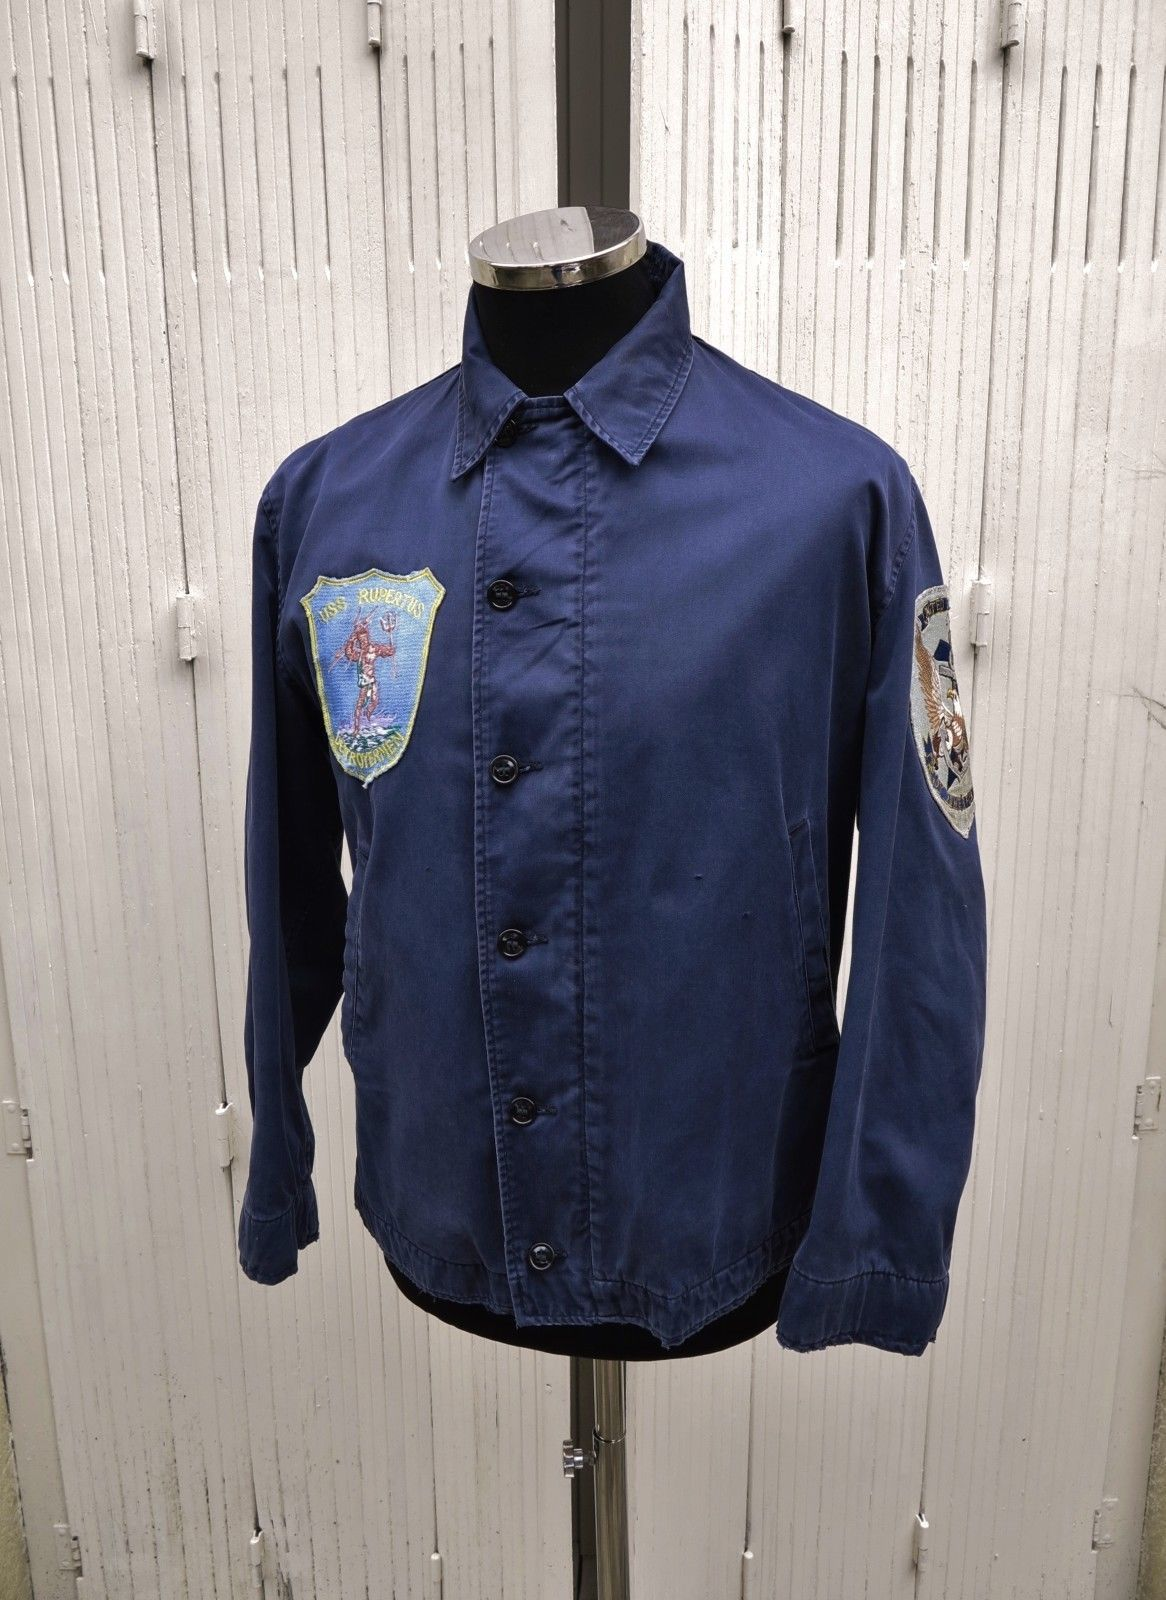 Korean War USN Deck Jacket Vtg USN Deck Jacket N 4 US Navy Deck Jacket N4  Patch  4b598a746